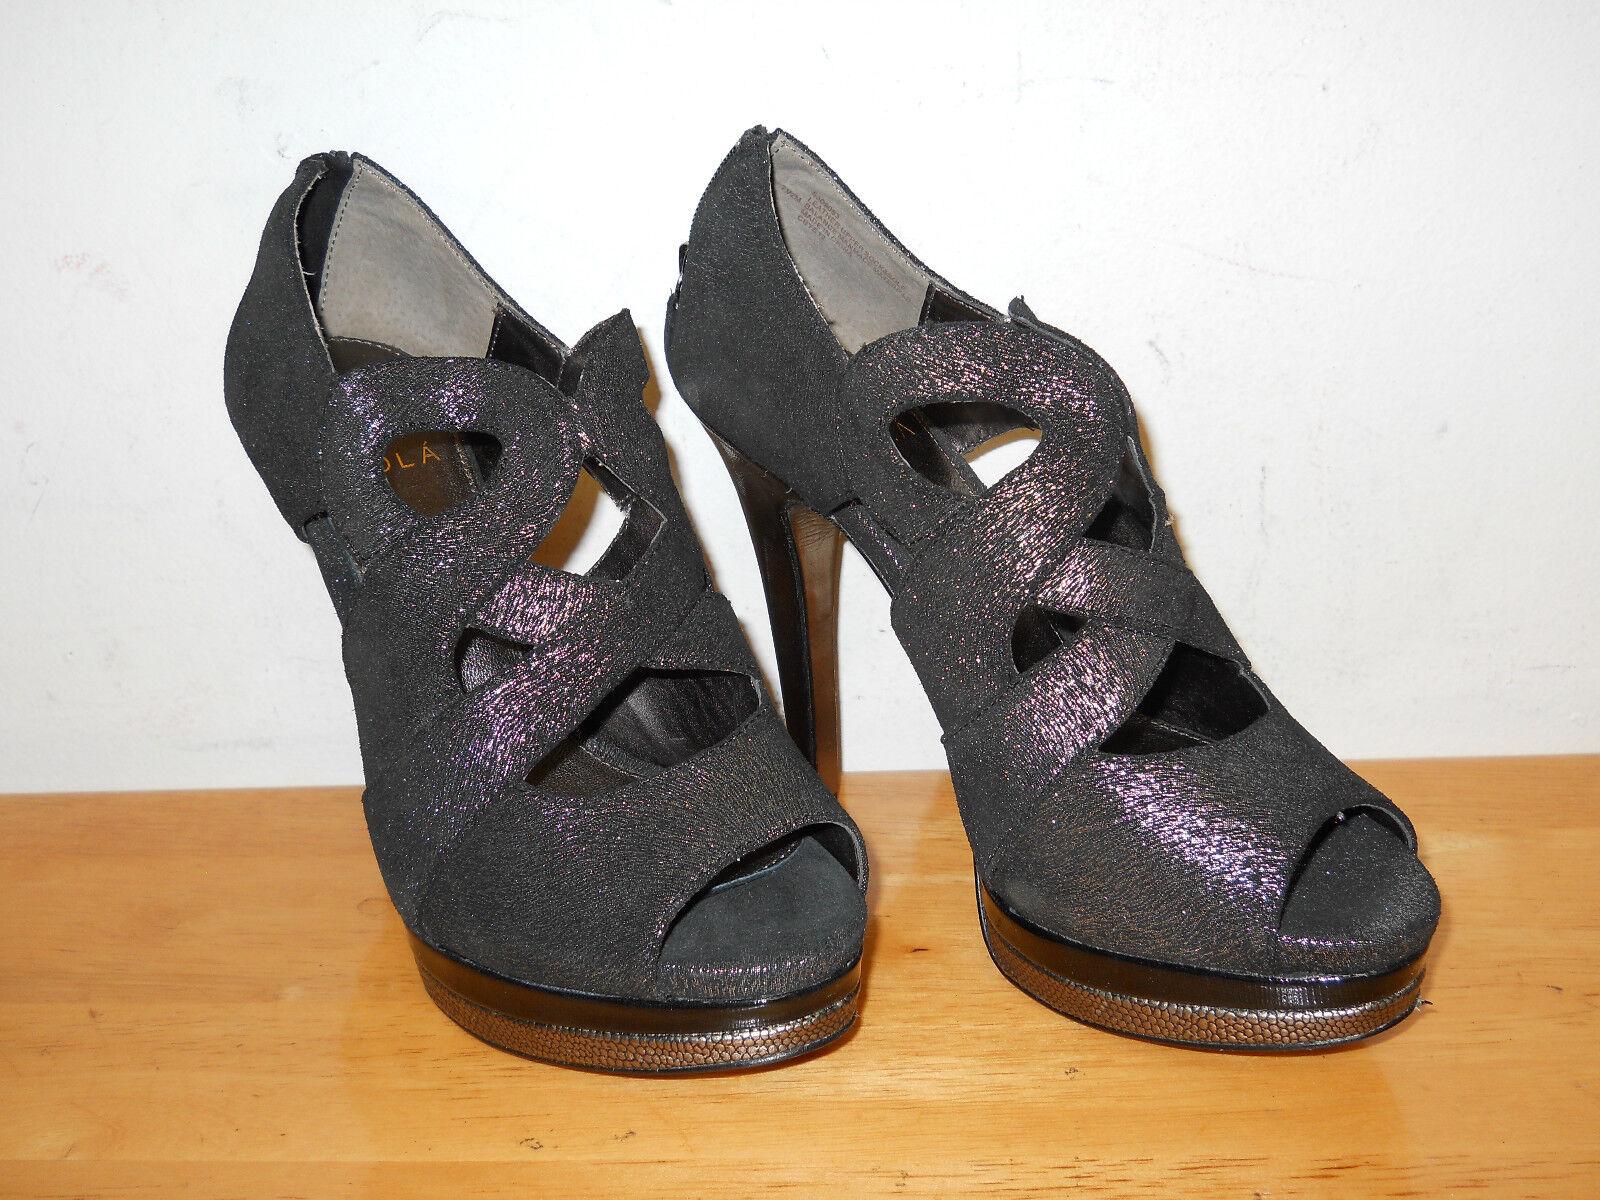 Isola nuevo para mujer C Bye12 Plata Negro Zapatos Puntera Puntera Puntera abierta Tacones 7.5 M Nuevo Sin Caja  directo de fábrica